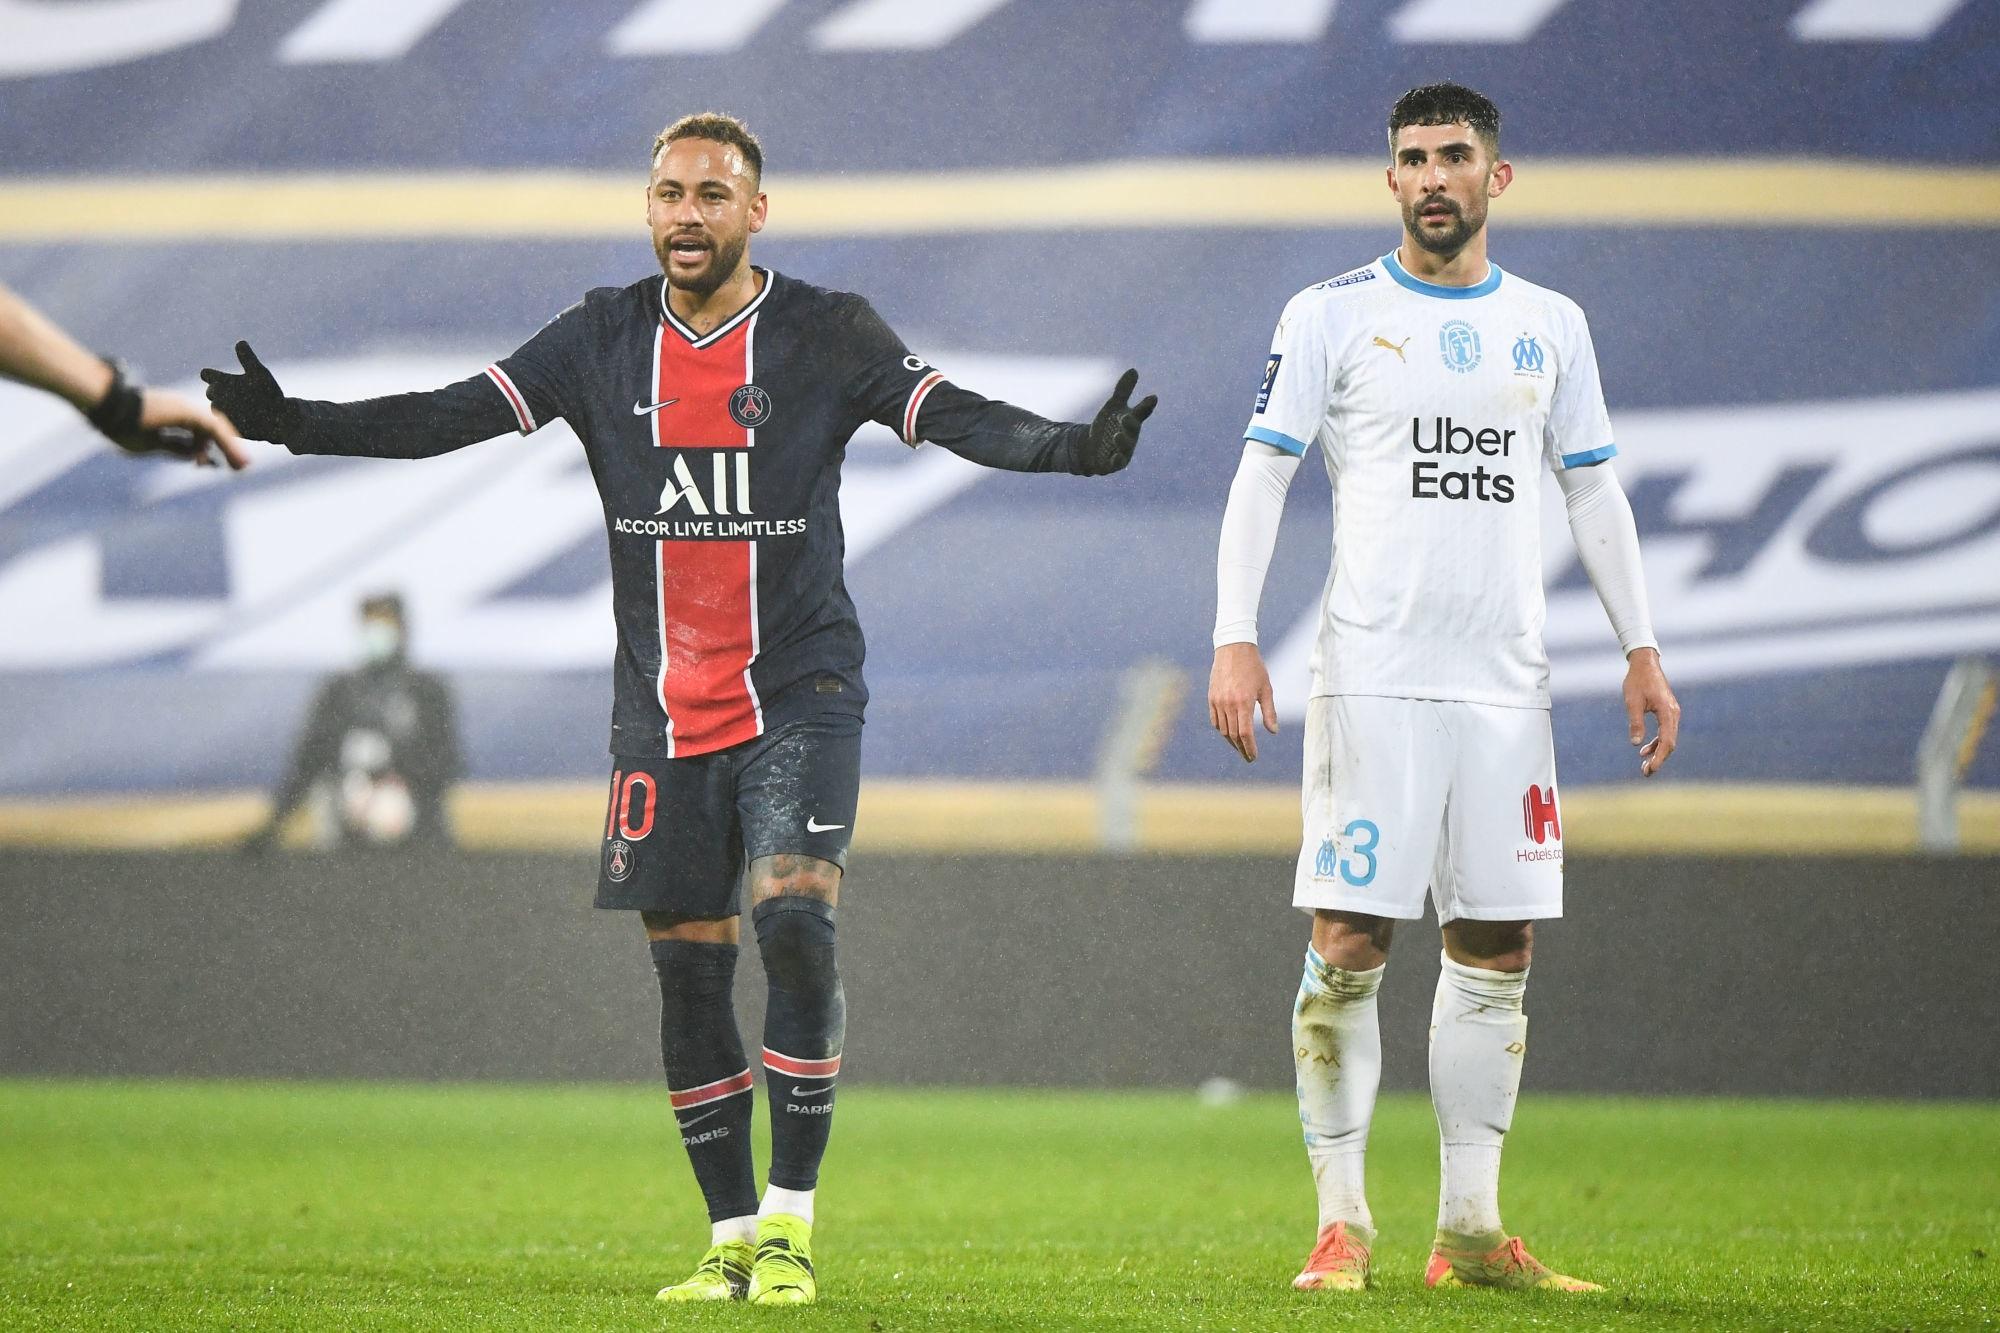 """Alvaro Gonzalez affirme que Neymar est """"considérablement moins intelligent"""" que lui"""